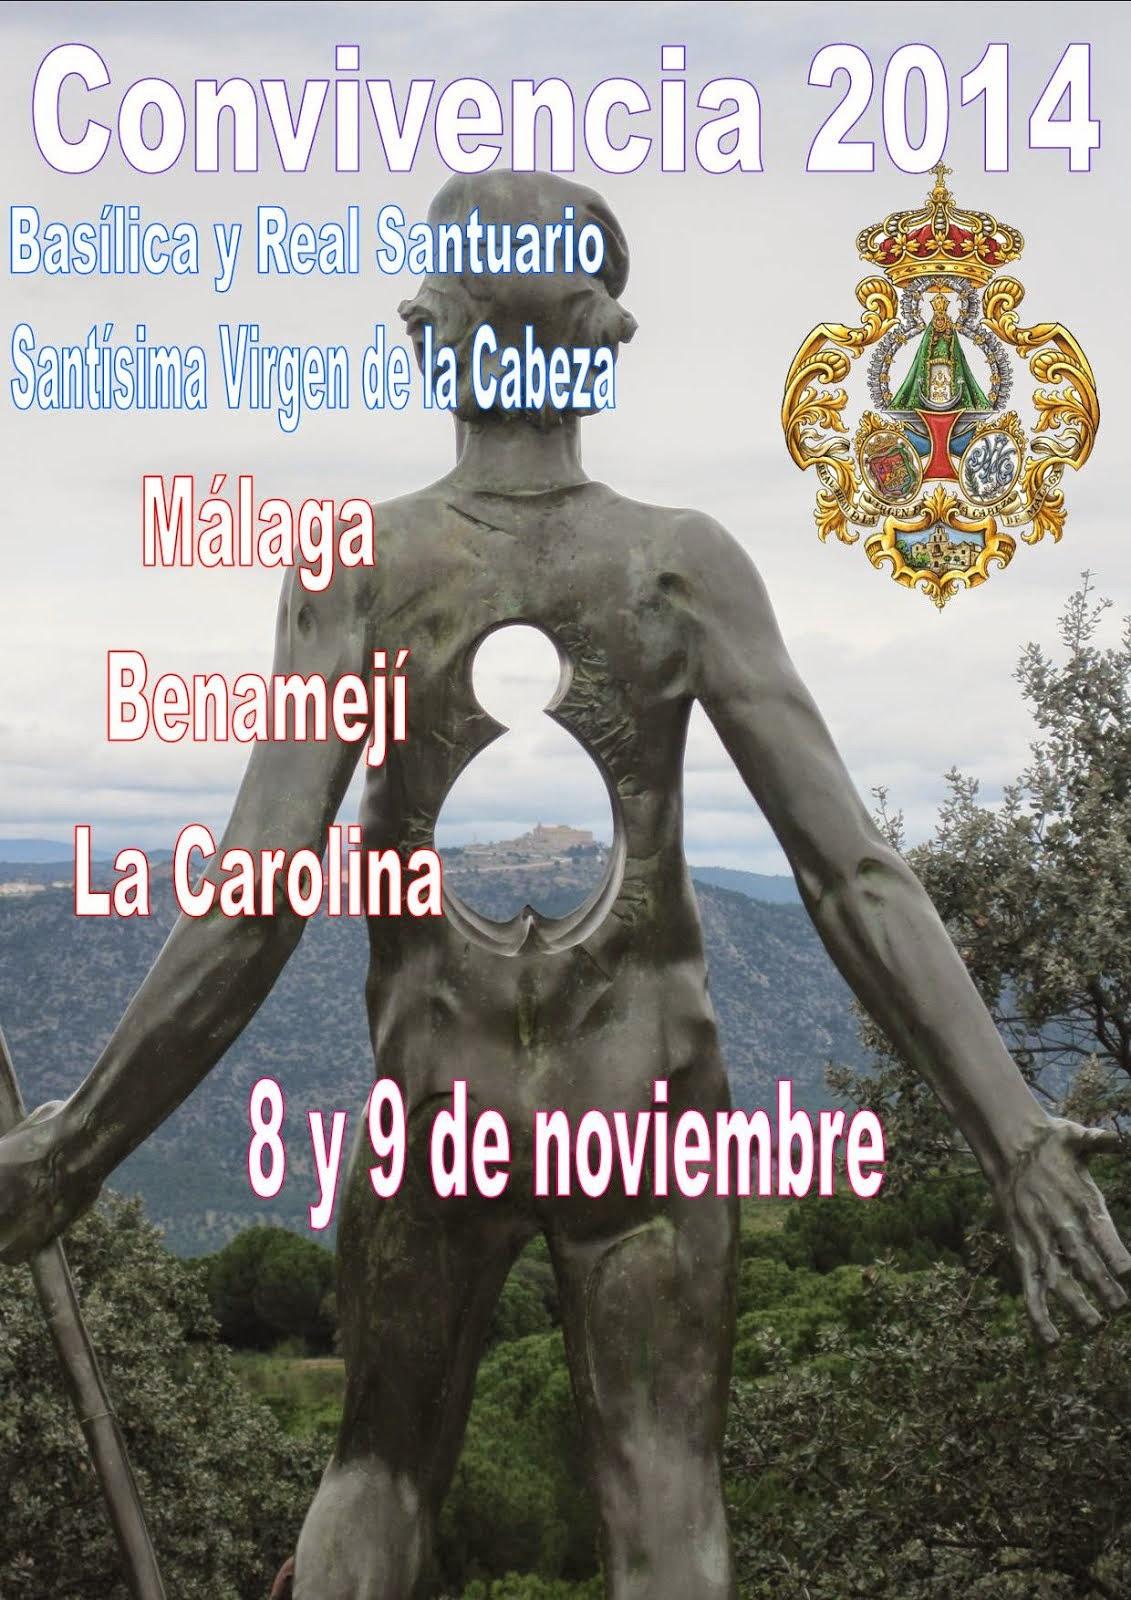 CONVIVENCIA 2014